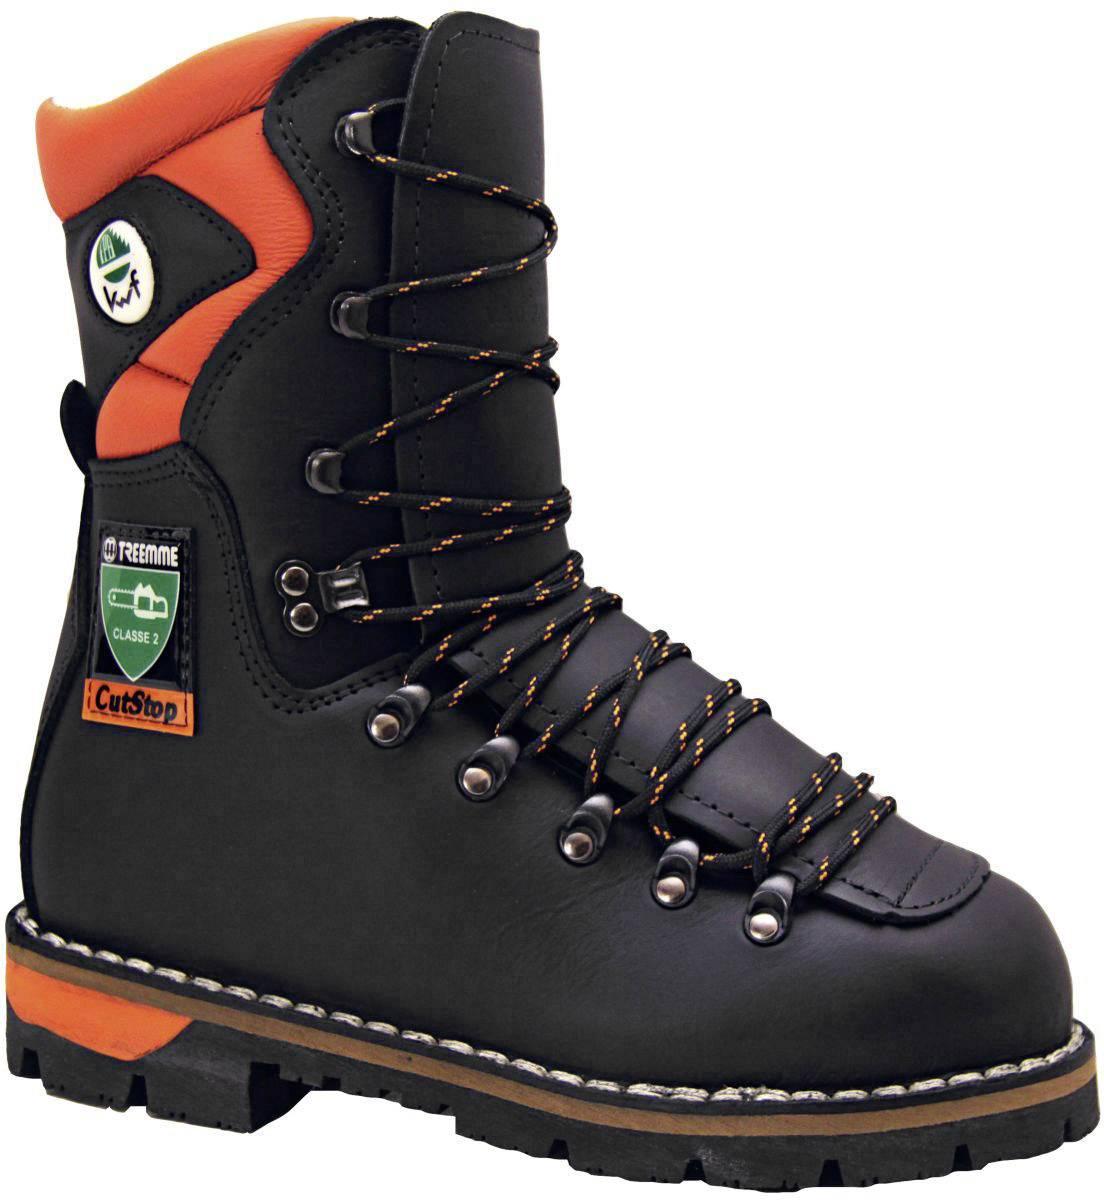 Bezpečnostná obuv s ochranou proti porezaniu S3 Treemme 2435, veľ.: 39, čierna, 1 pár